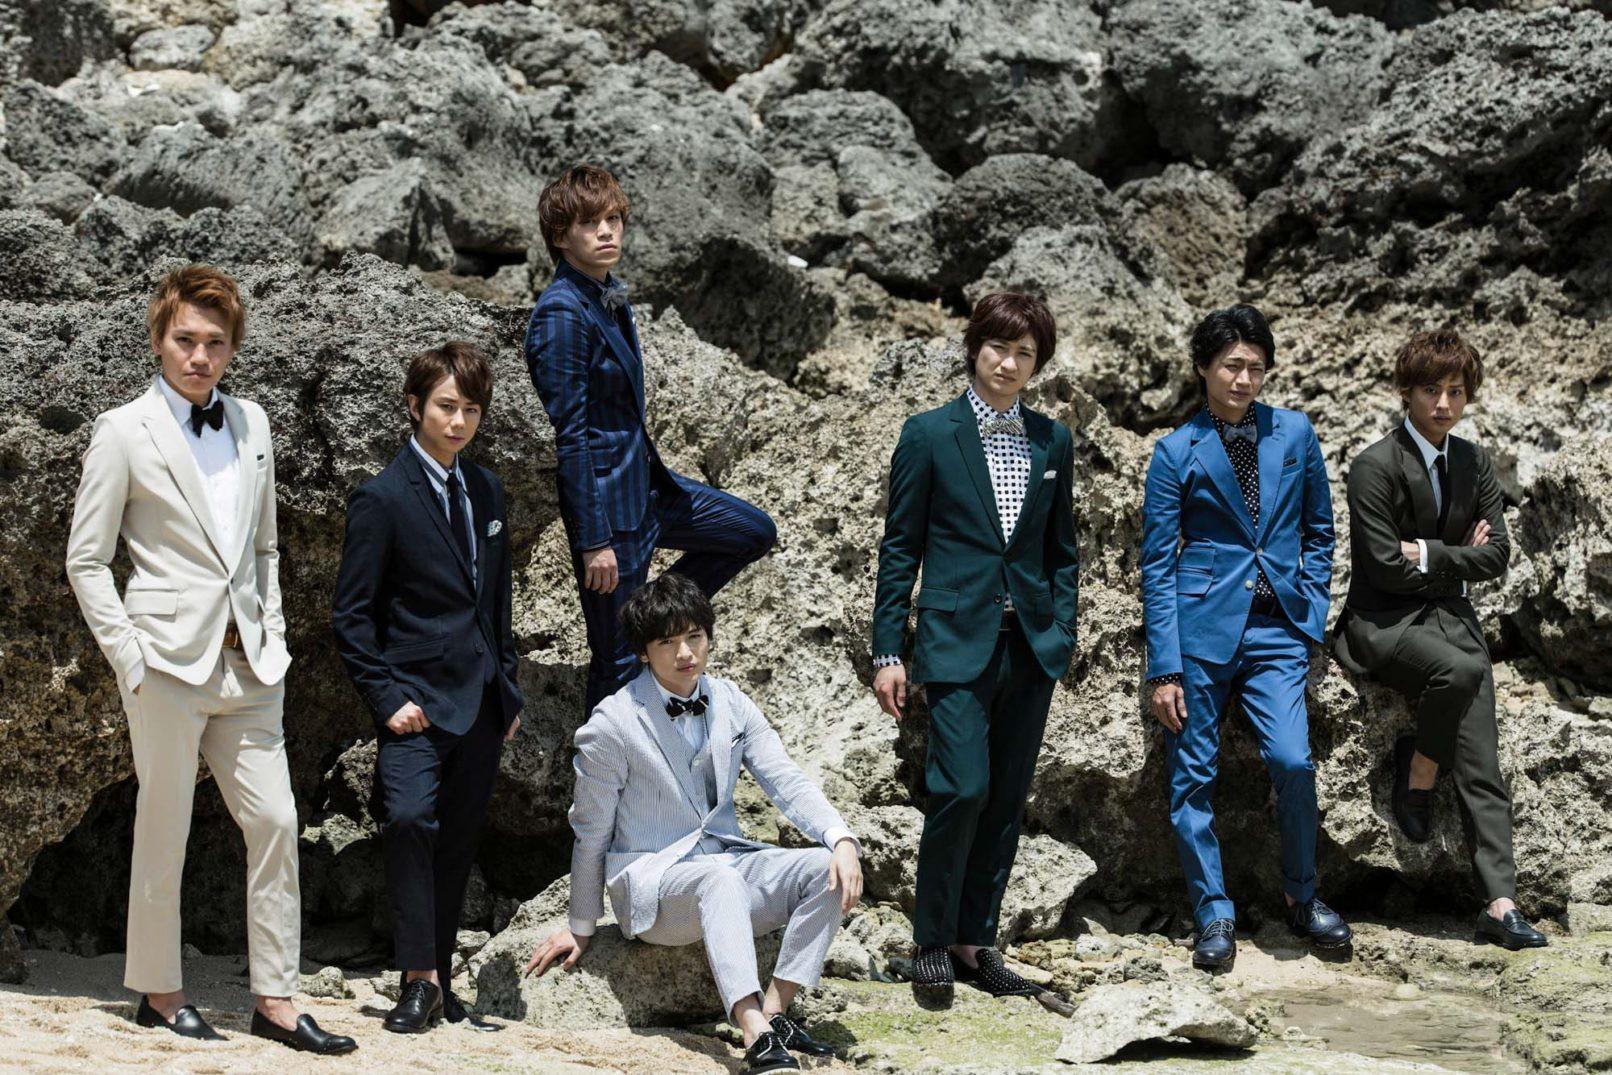 Hiếm có trong lịch sử: Bị BTS đe doạ mảng album, ban nhạc Nhật ra tận cửa hàng kích cầu và đạt hiệu quả cao - Ảnh 1.